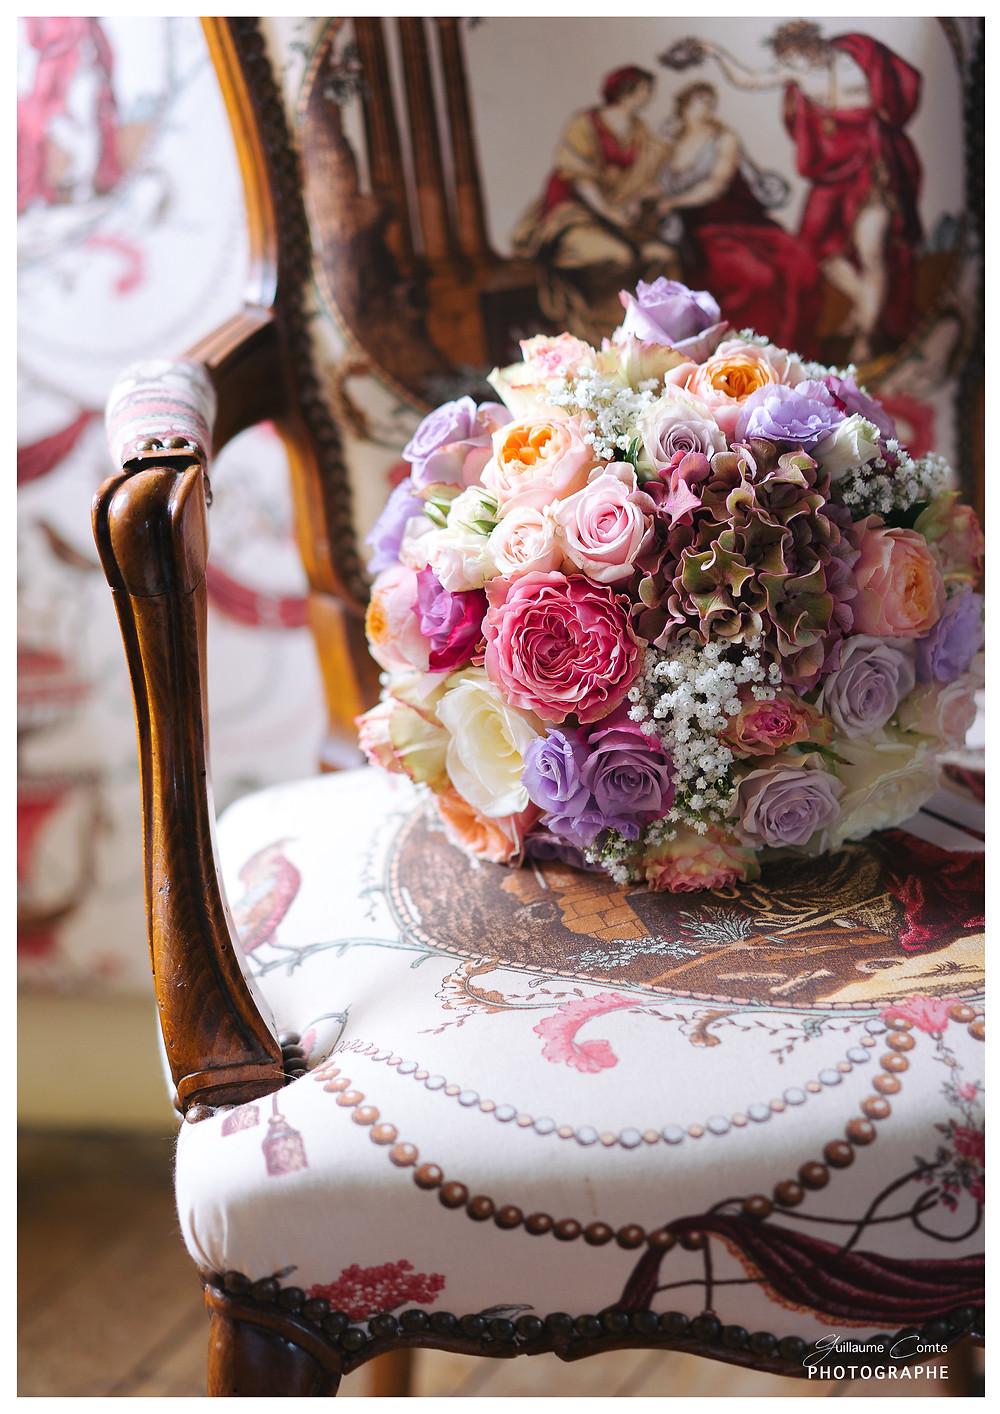 Photographe Mariage Wedding Limoges Limousin Guillaume Comte Côté Campagne